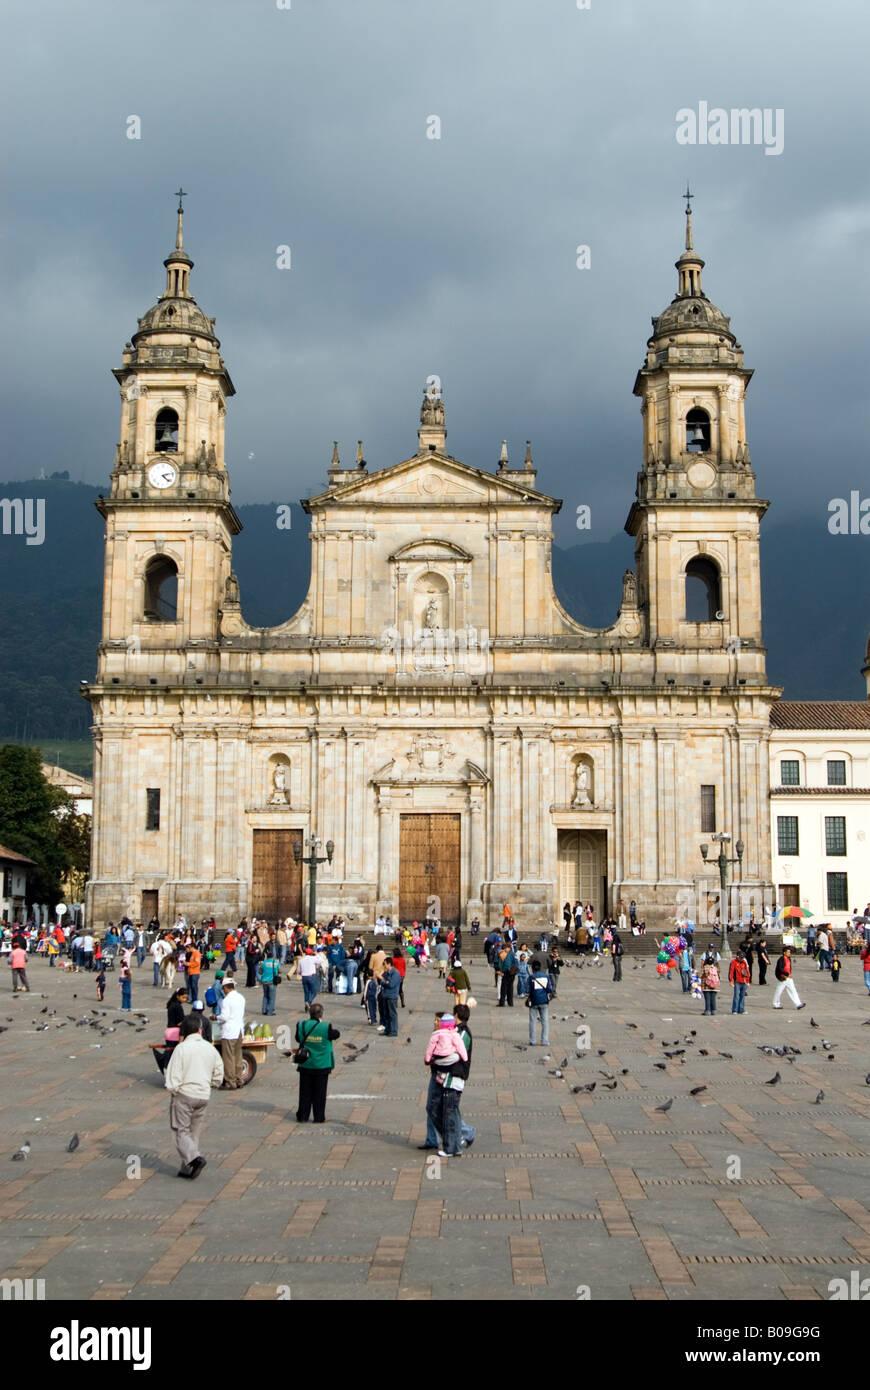 Catedral Primada en la Plaza de Bolívar Bogotá, Colombia Imagen De Stock